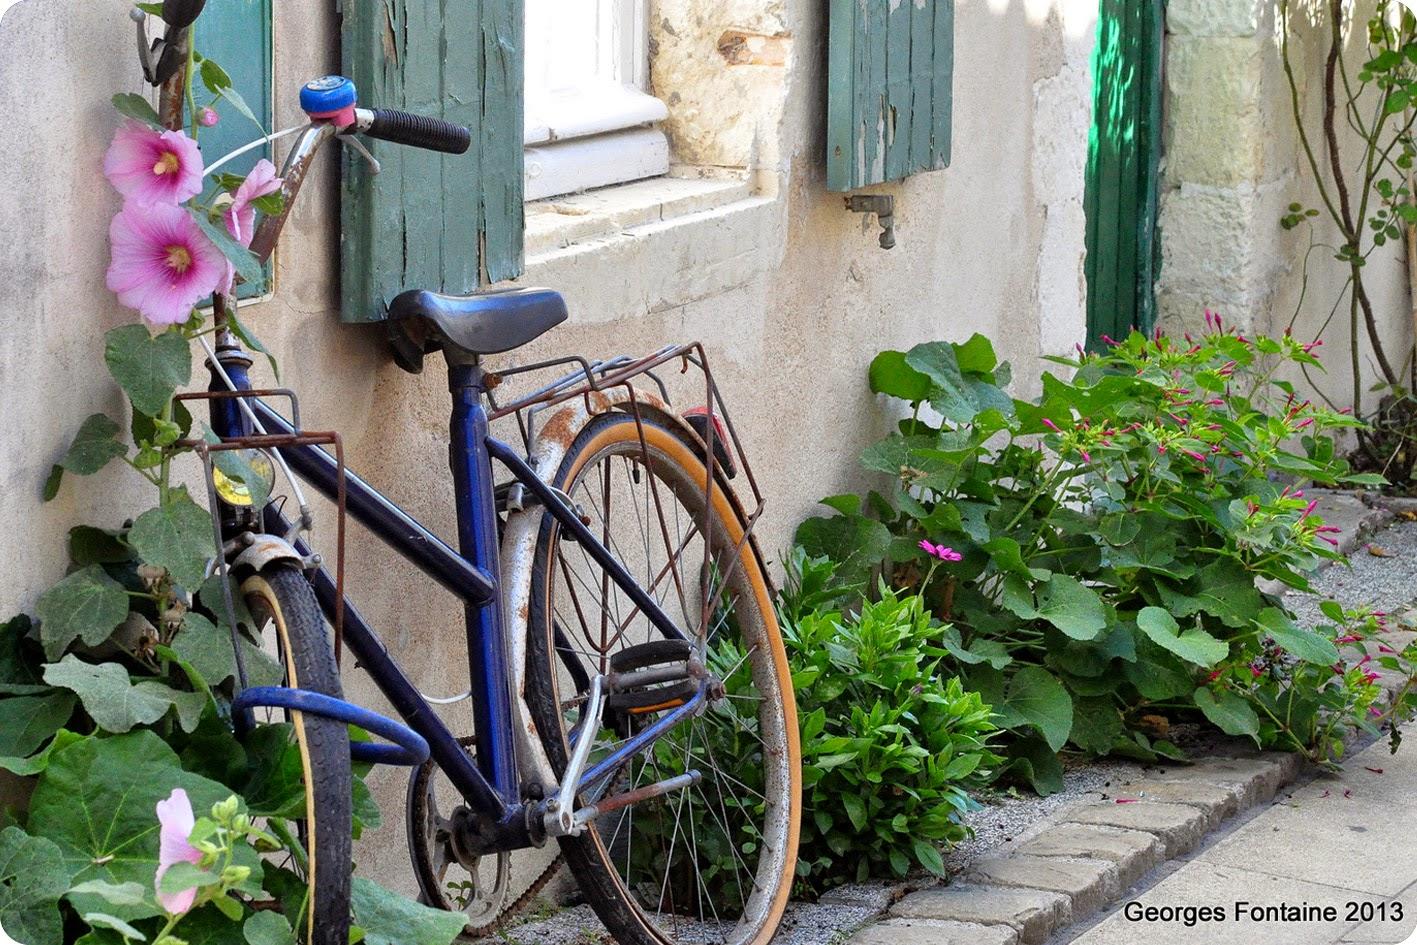 Vélo bleu contre un mur de maison volets verts.